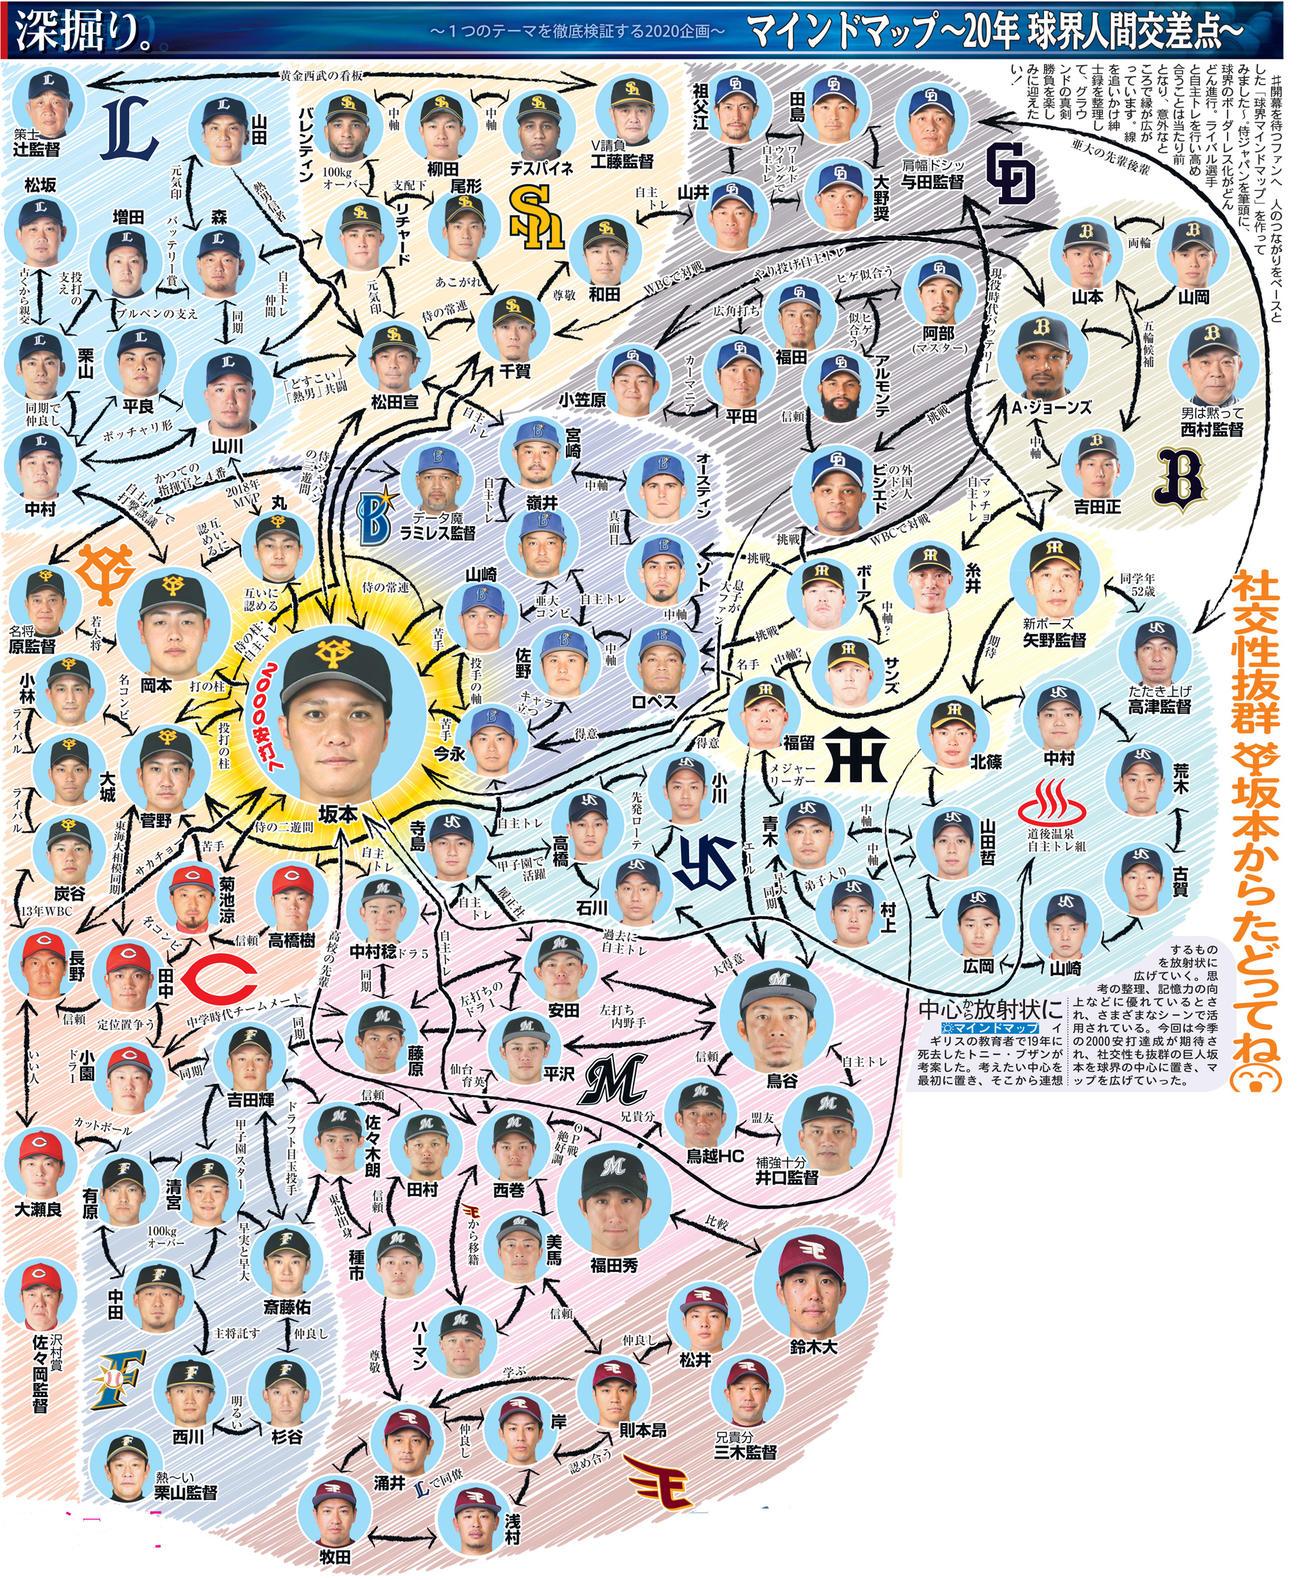 球界マインドマップ 20年球界人間交差点 - プロ野球 : 日刊スポーツ